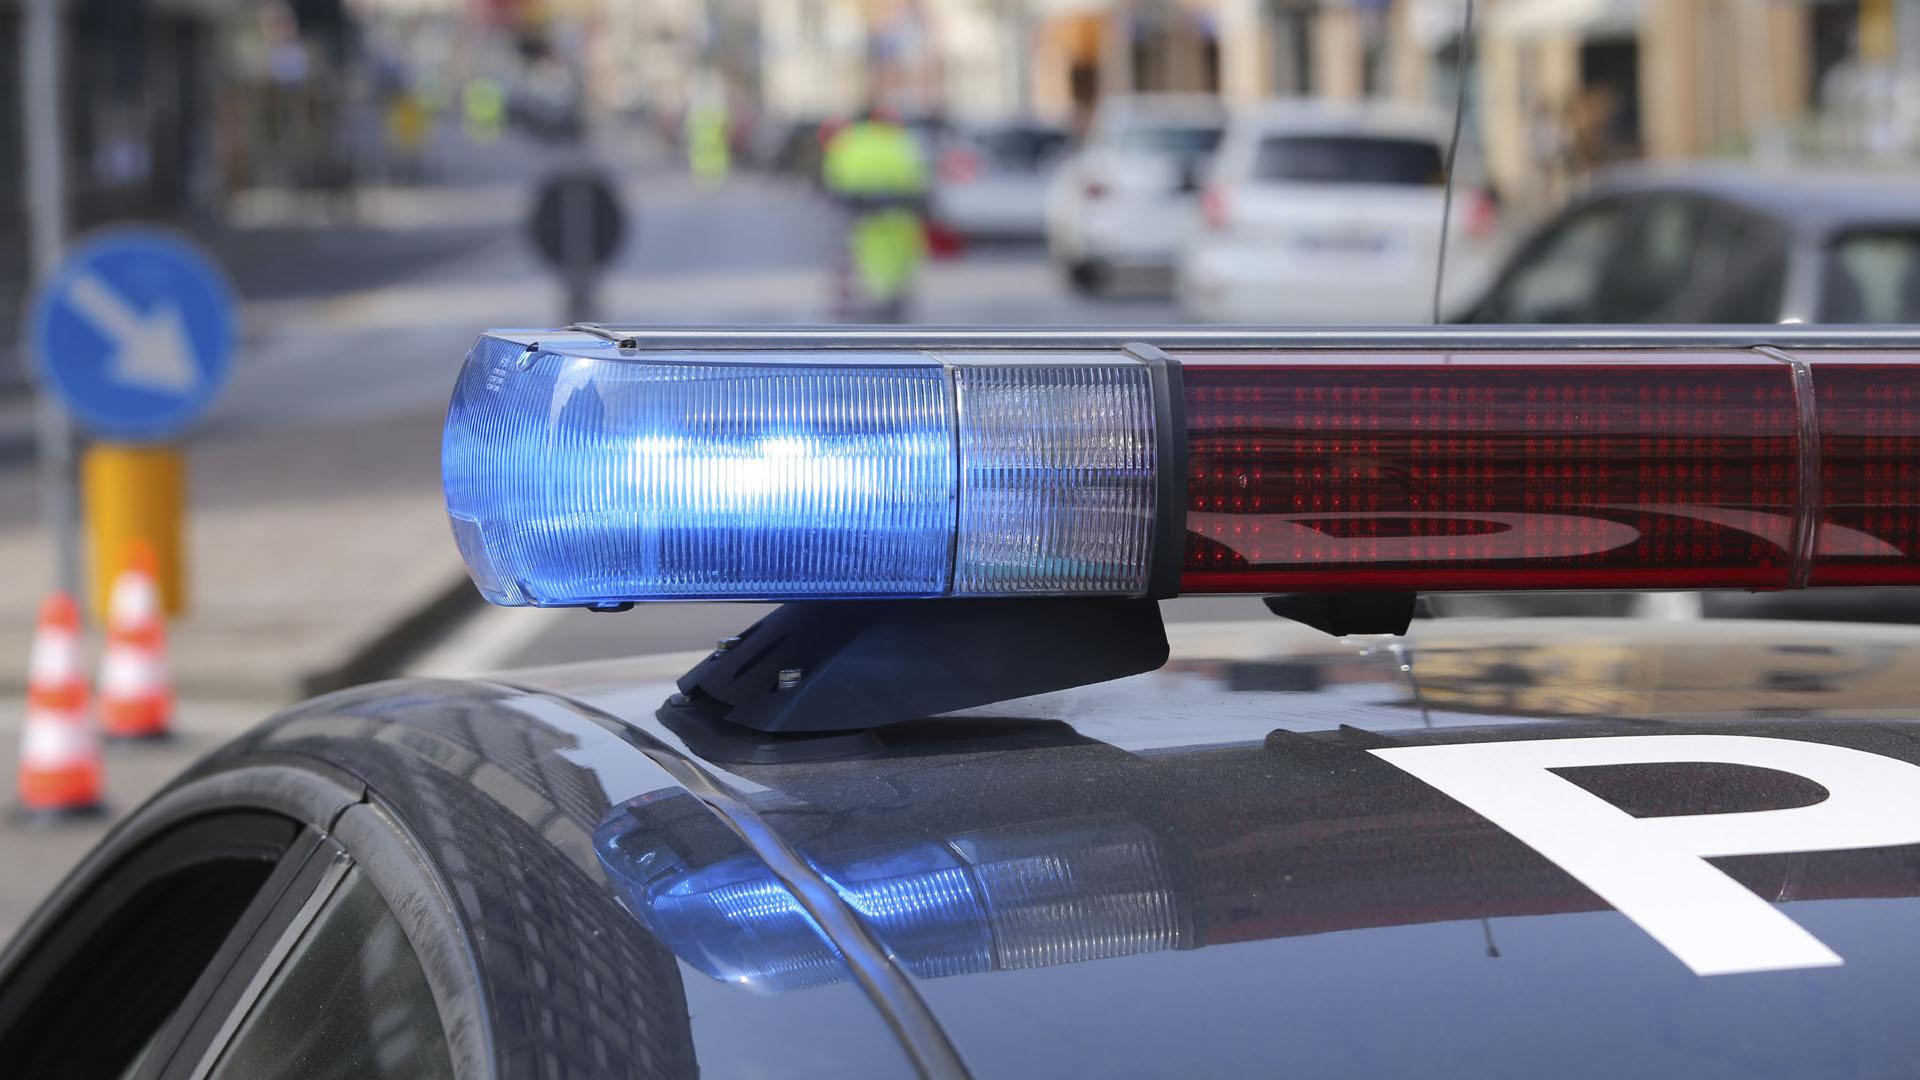 Pred-Crime permitirá saber dónde y cuándo es probable que se cometa un determinado tipo de delito, falta o infracción